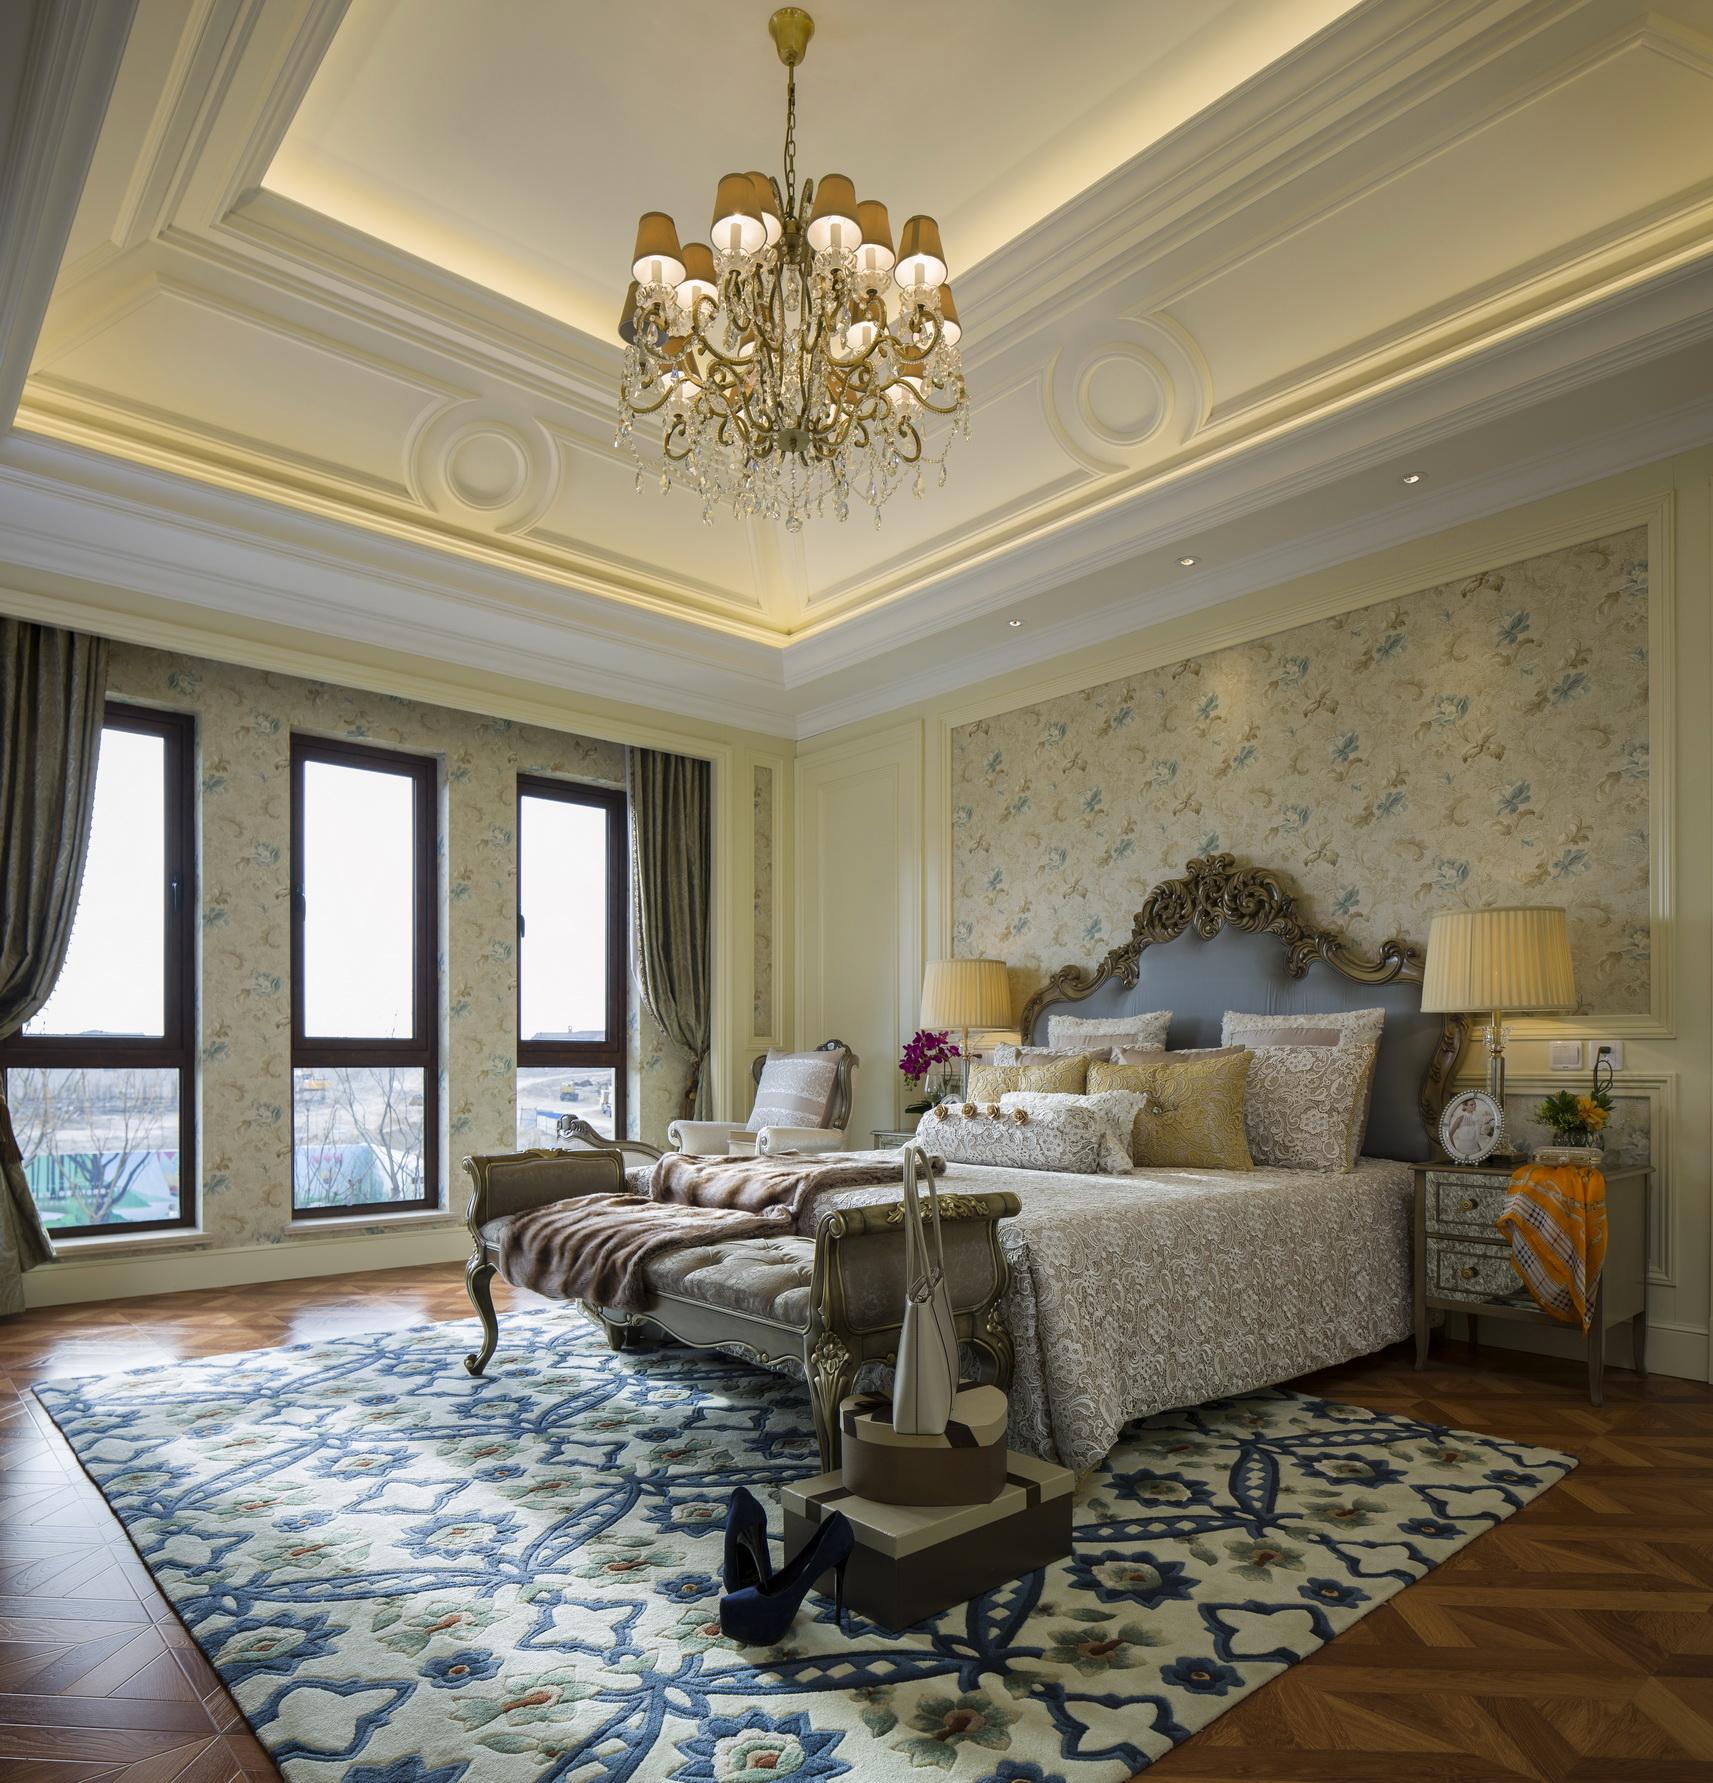 建发鹭洲国际二期-248平米大户型现代风格-谷居家居